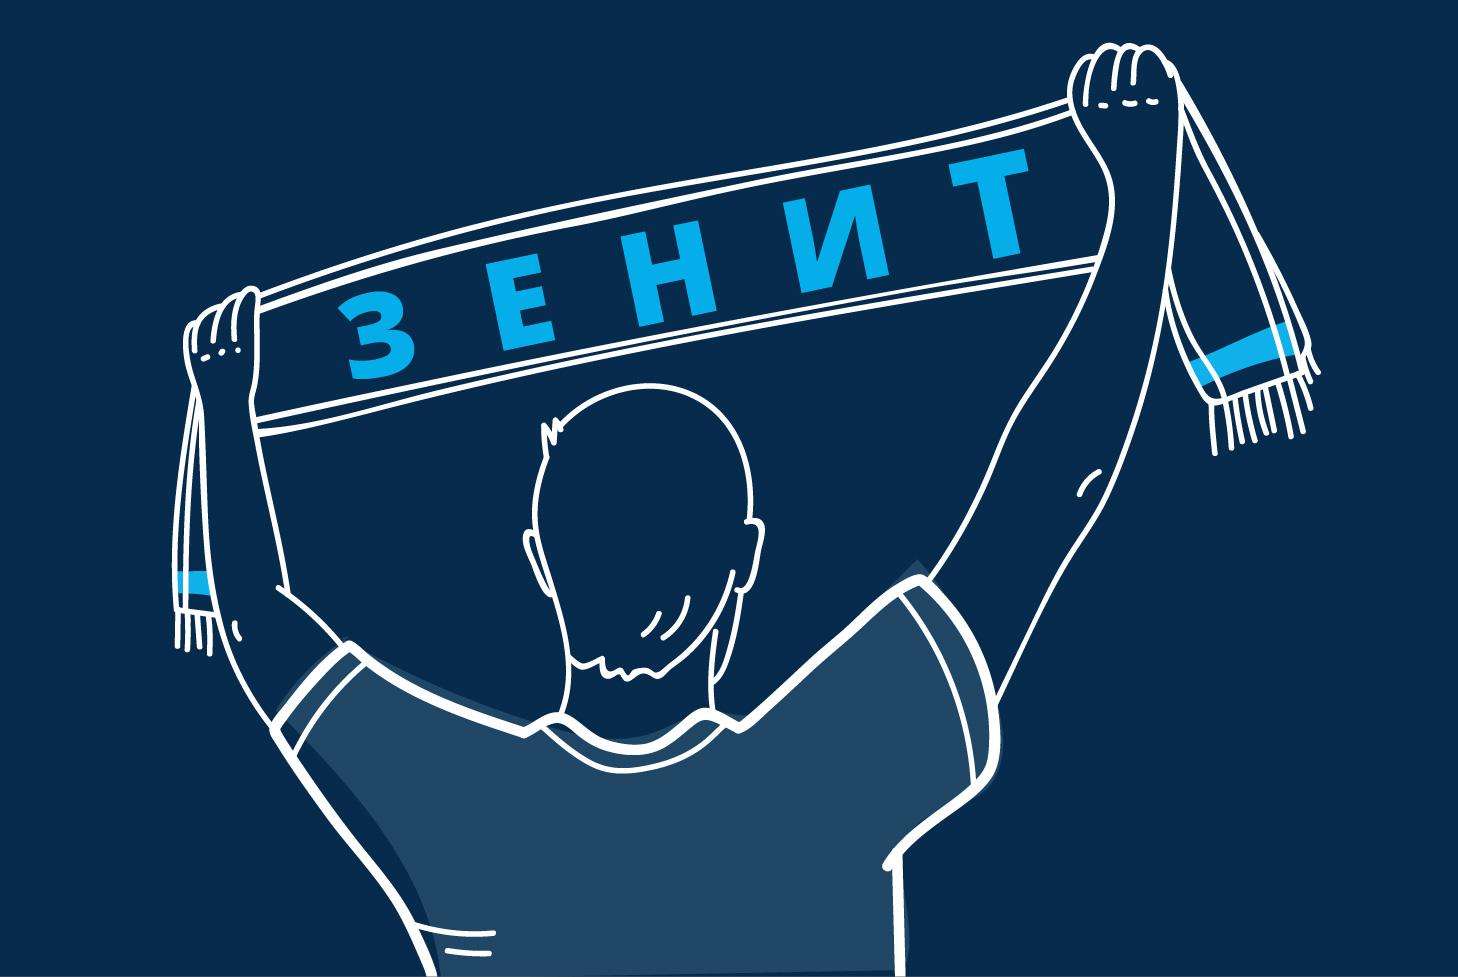 Один из первых фанатов Ленинграда рассказывает, как в городе начали болеть за «Зенит»